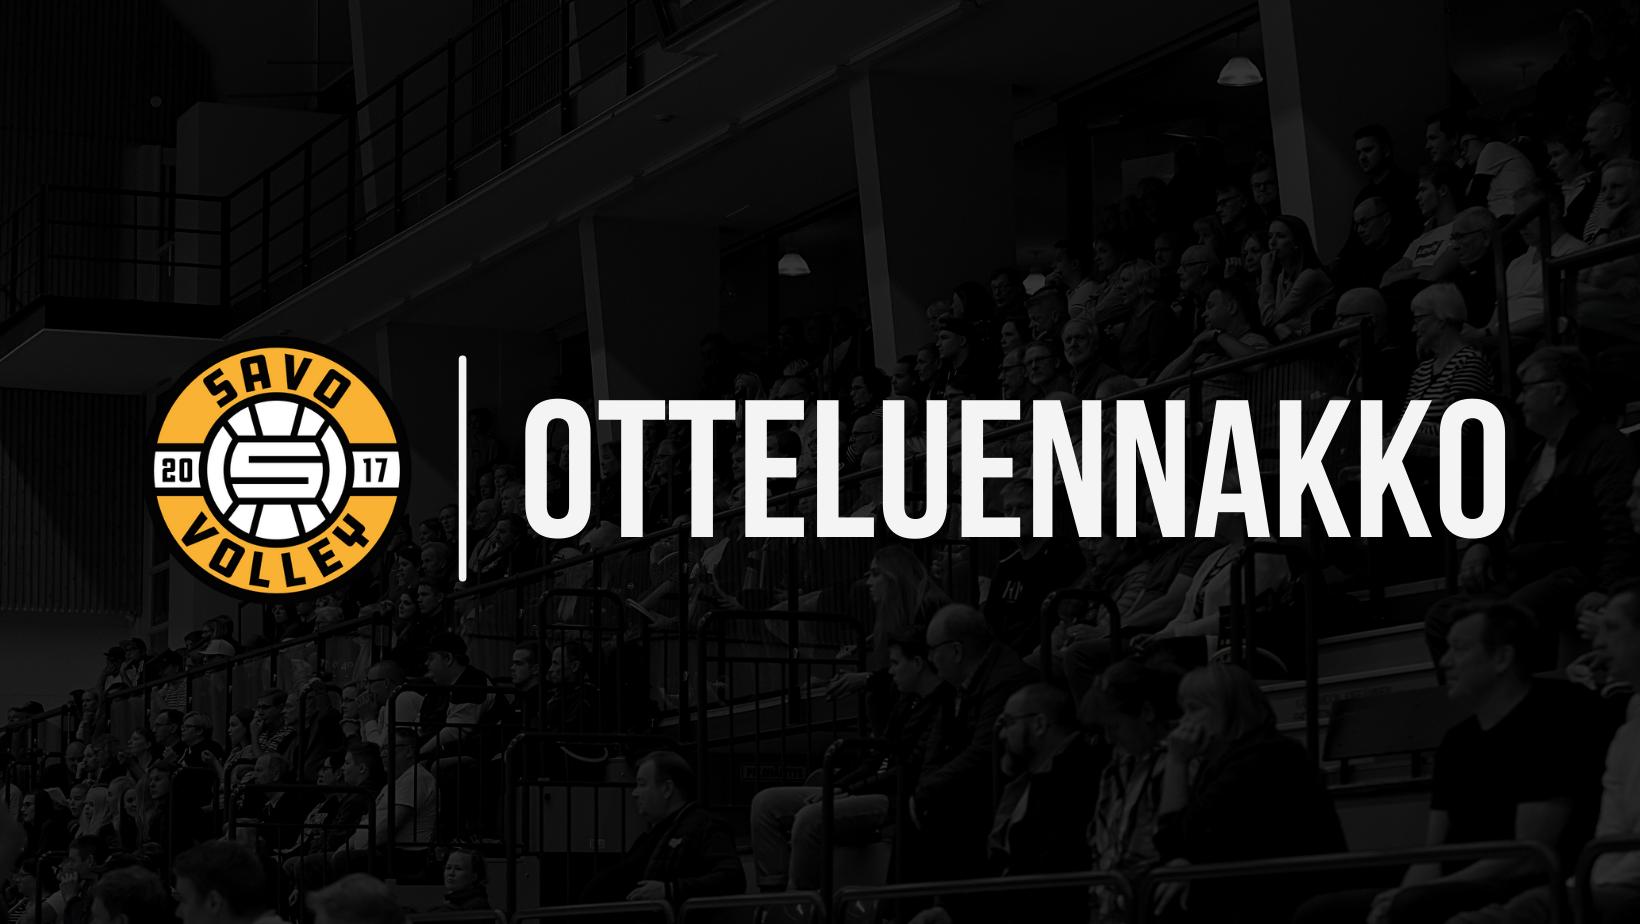 Voittamattomat joukkueet kohtaavat Joensuussa – OTTELUENNAKKO HURMOS-SAVO 16.10.